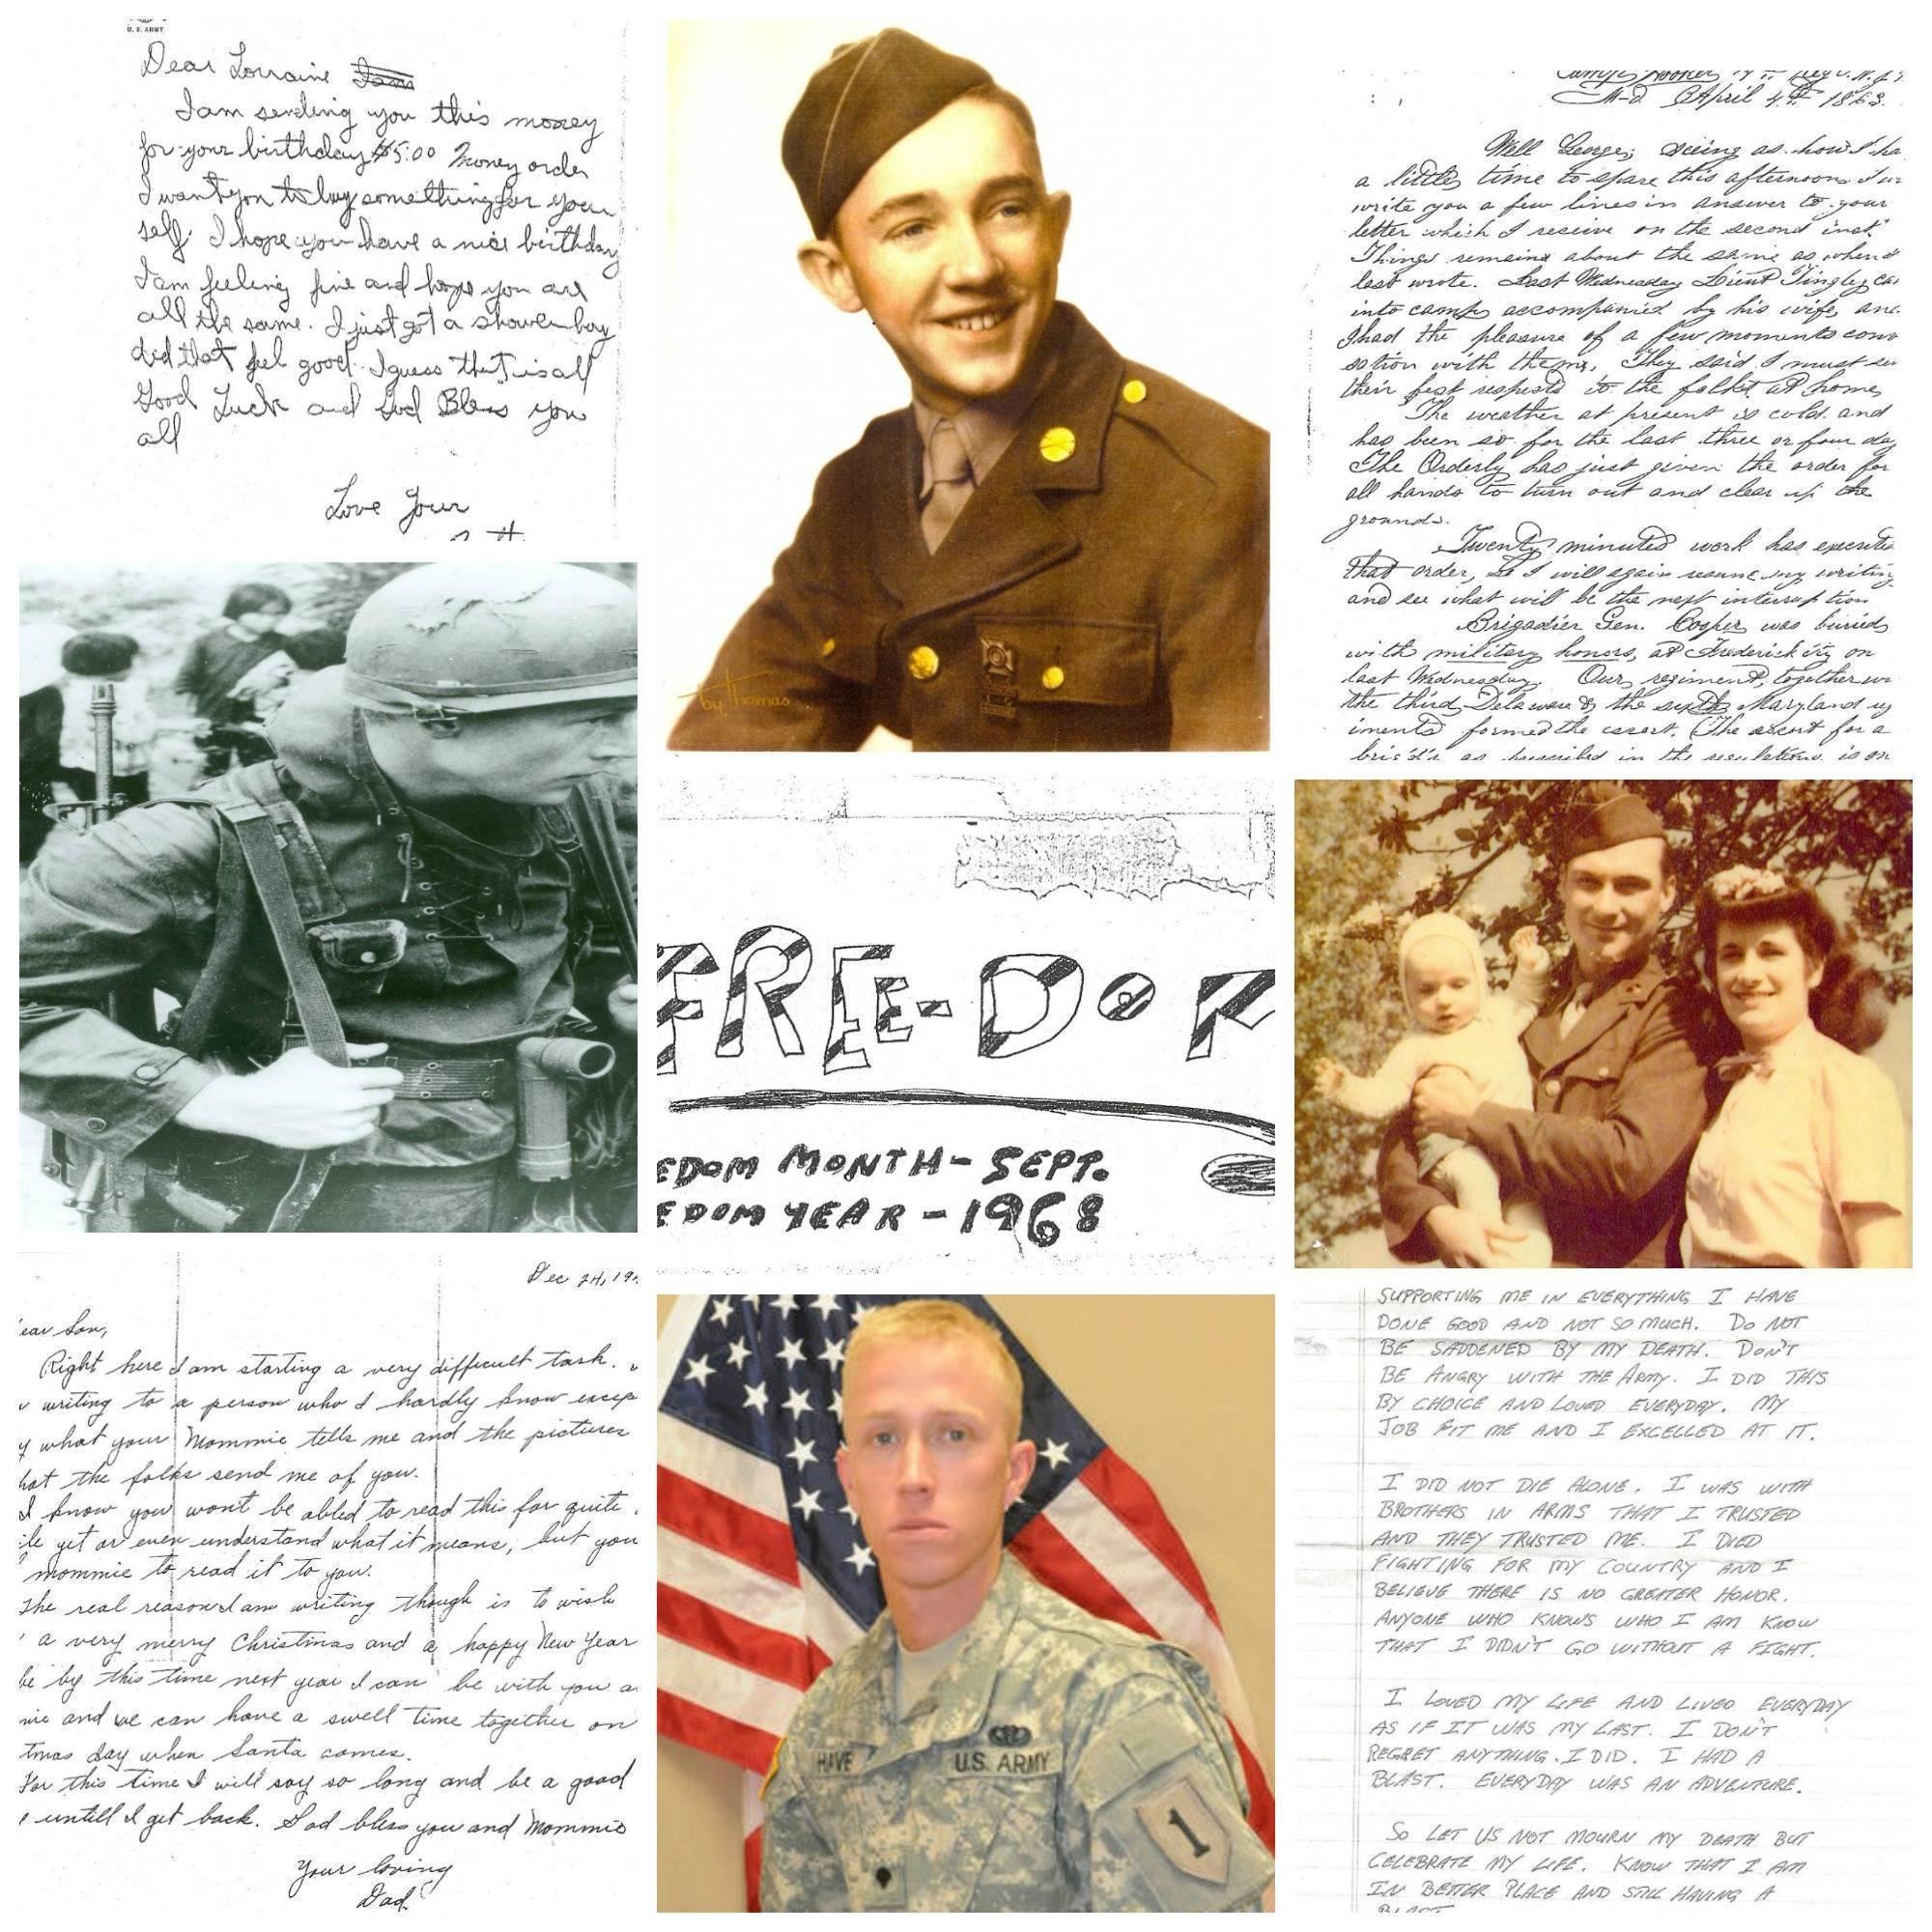 a0e2b54fc60c780f30dc_522a0f7eb53e596222df_fallen_heroes_letters.jpg